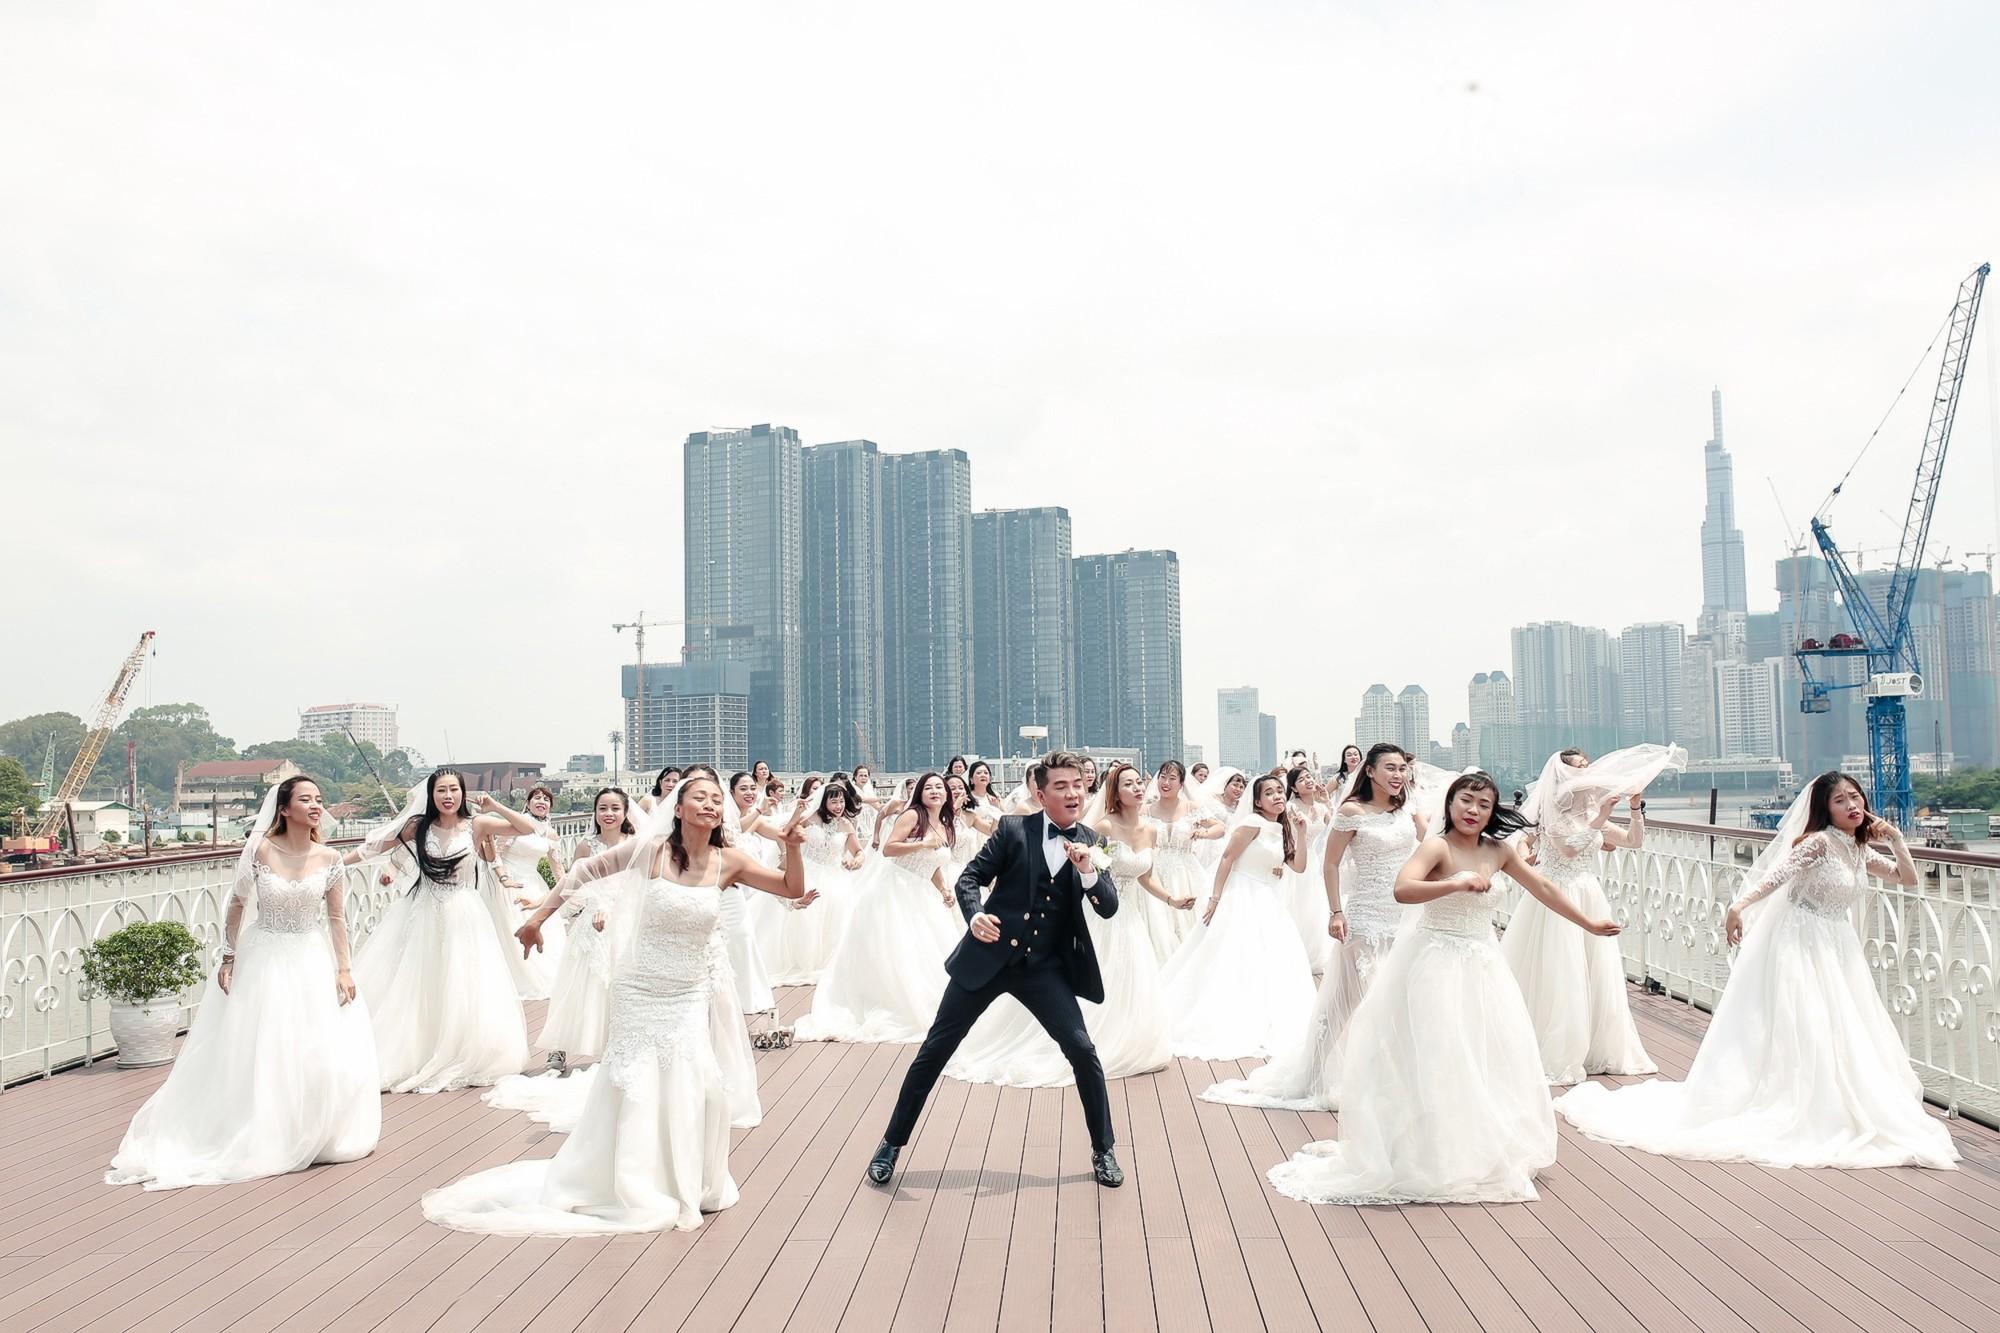 Đàm Vĩnh Hưng chụp ảnh cưới với 50 cô dâu trên boong tàu hạng sang  - Ảnh 1.